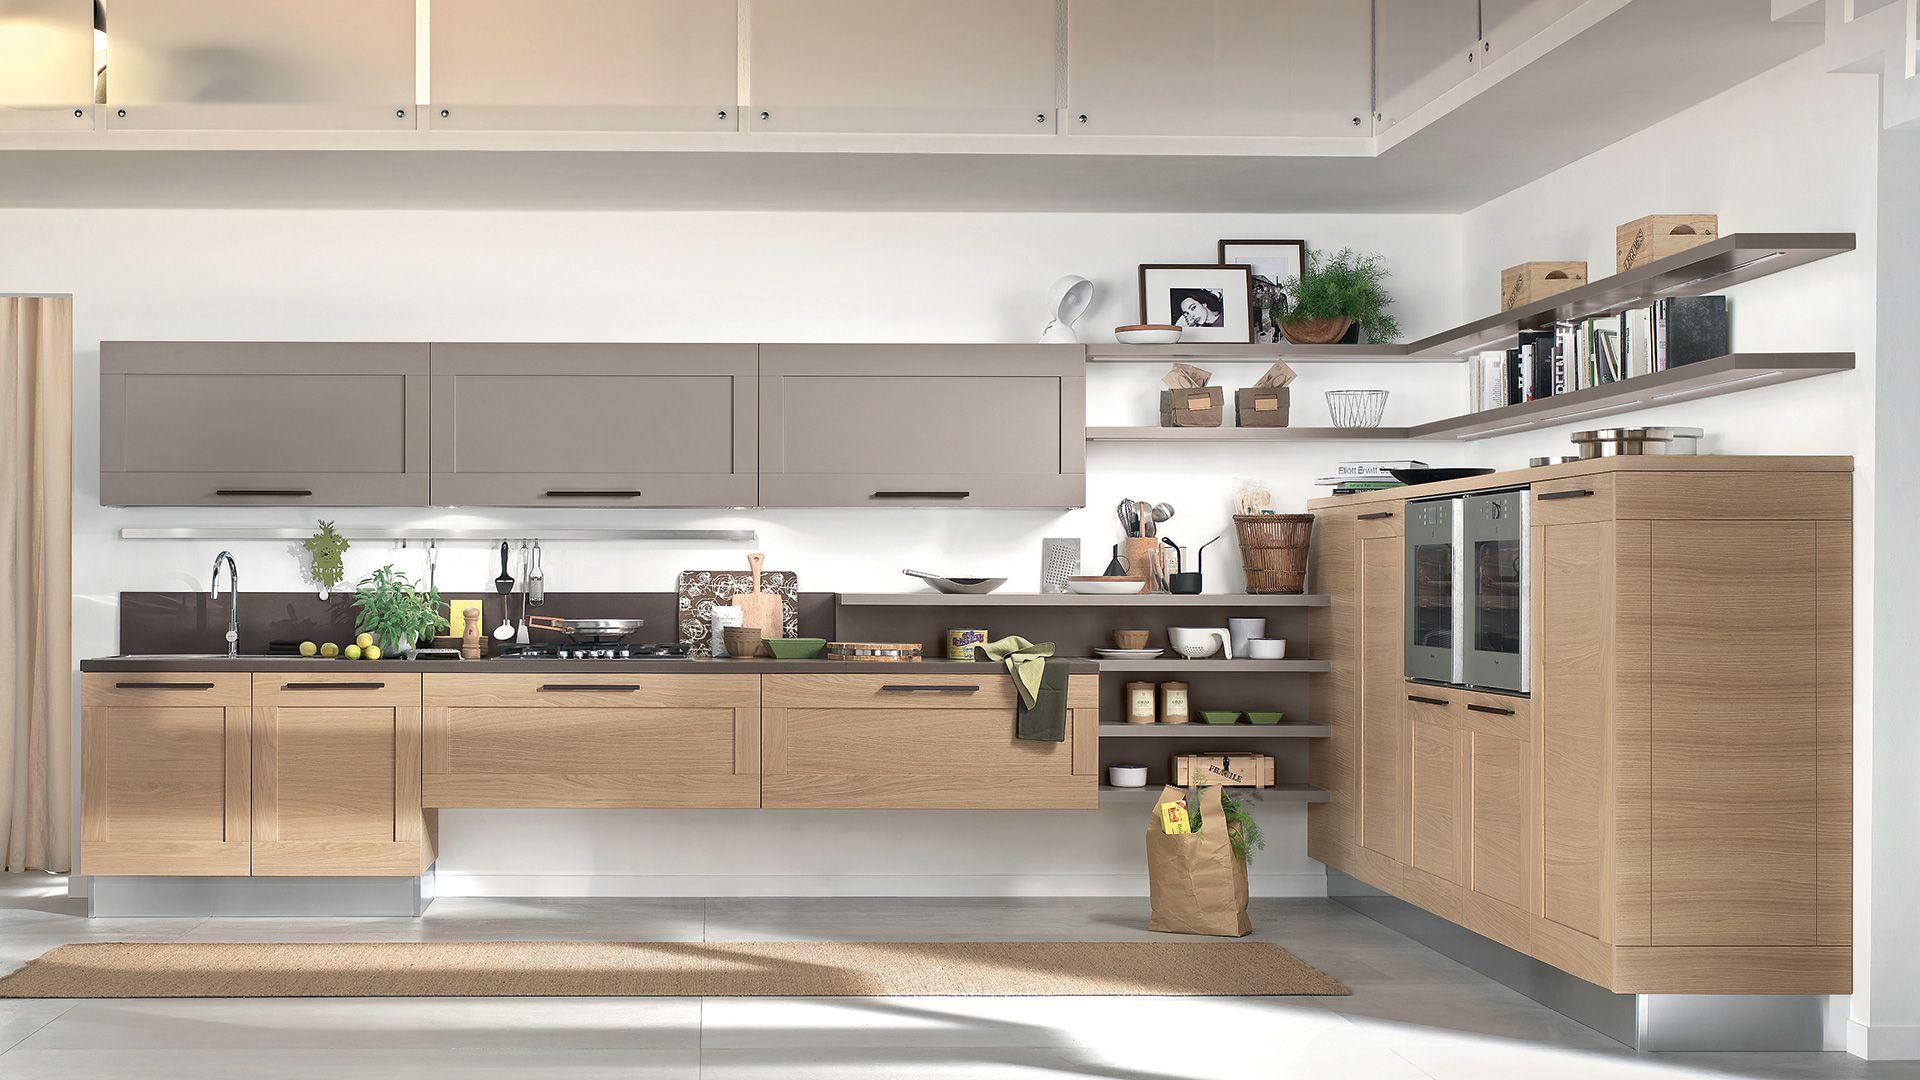 Gallery - Cucine Moderne - Cucine Lube | Cucine | Pinterest | Galleries